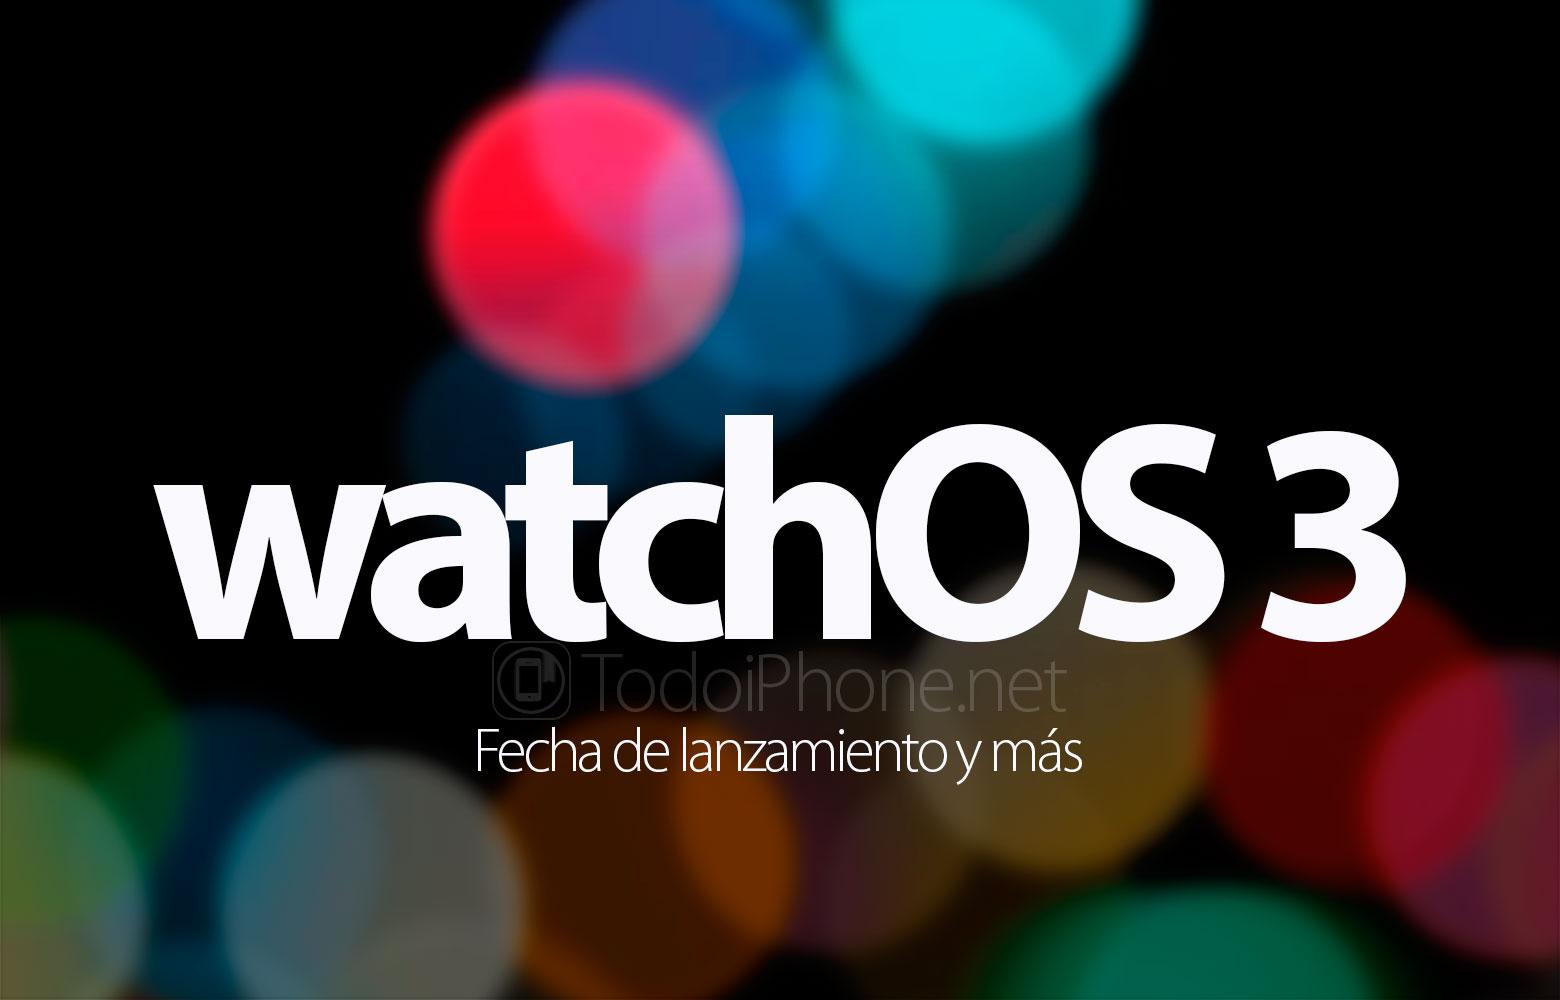 watchos-3-fecha-lanzamiento